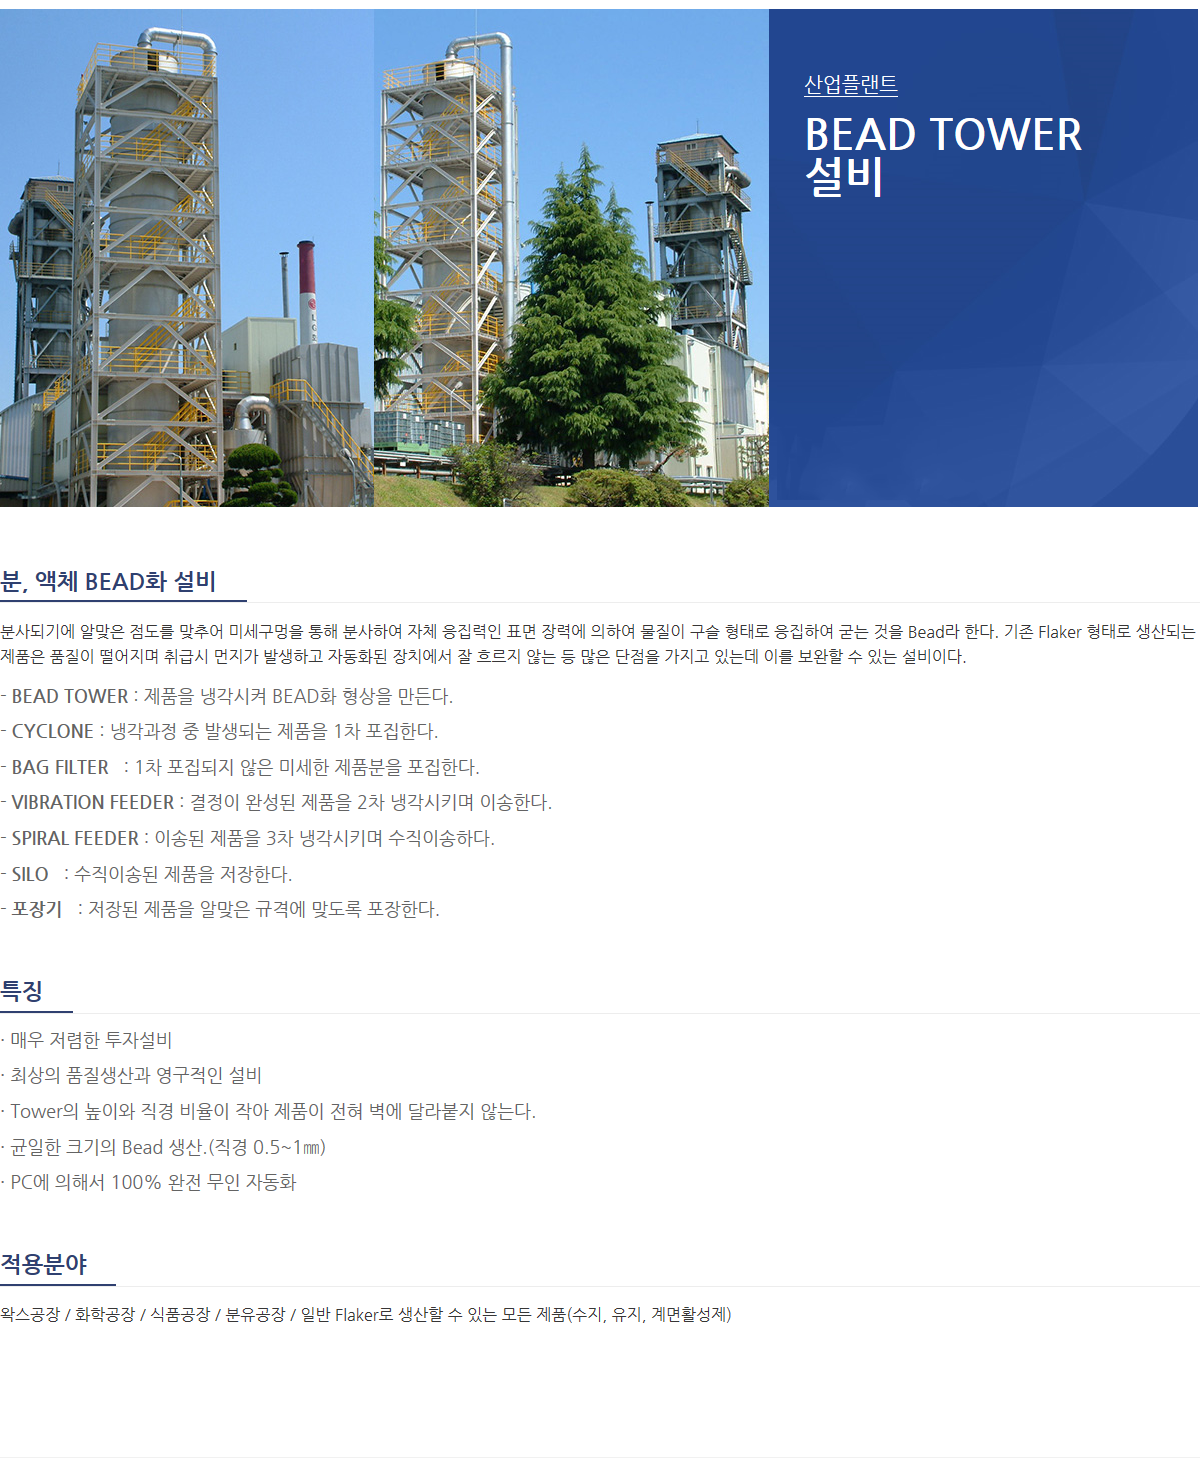 (주)신성플랜트 Bead Tower 설비